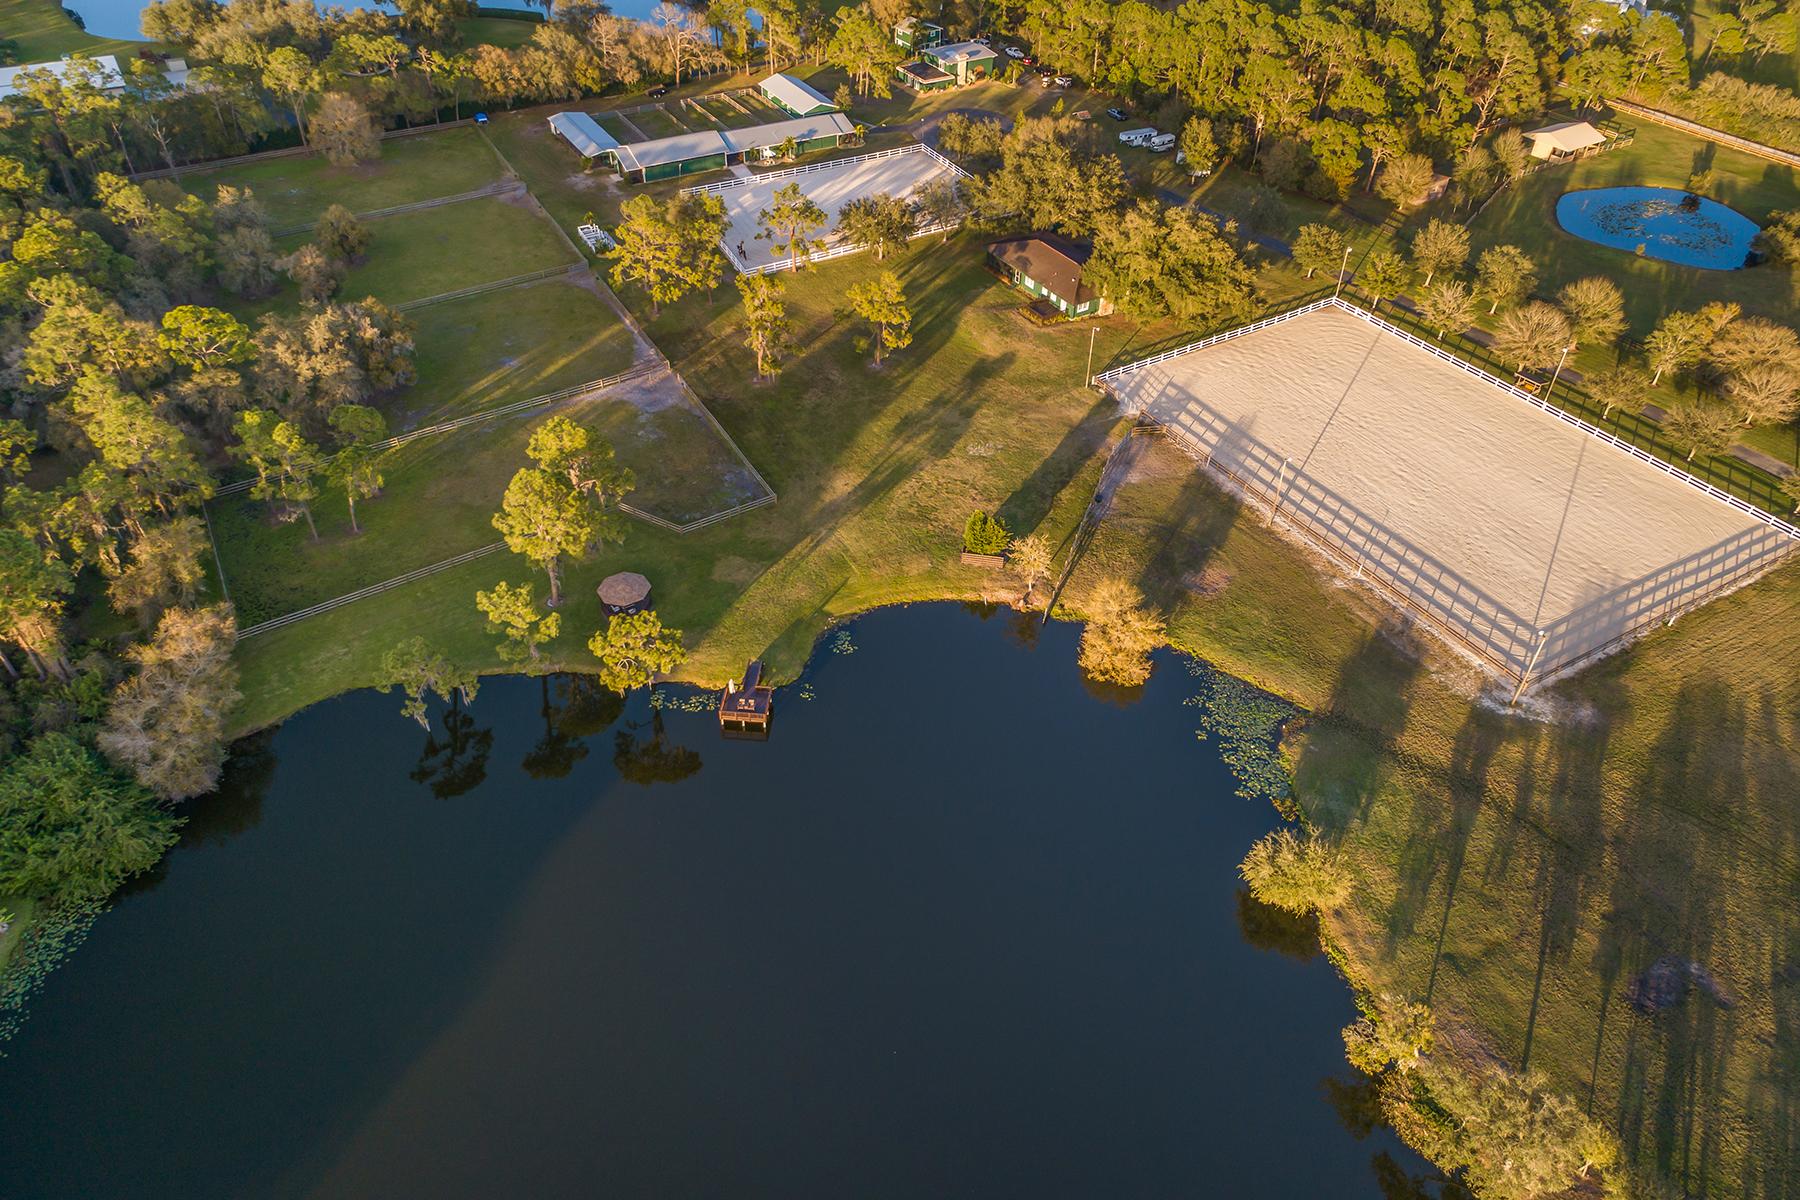 Land for Sale at ROYAL OAK EQUESTRIAN CENTRE 9927 Fruitville Rd Rd Sarasota, Florida 34240 United States